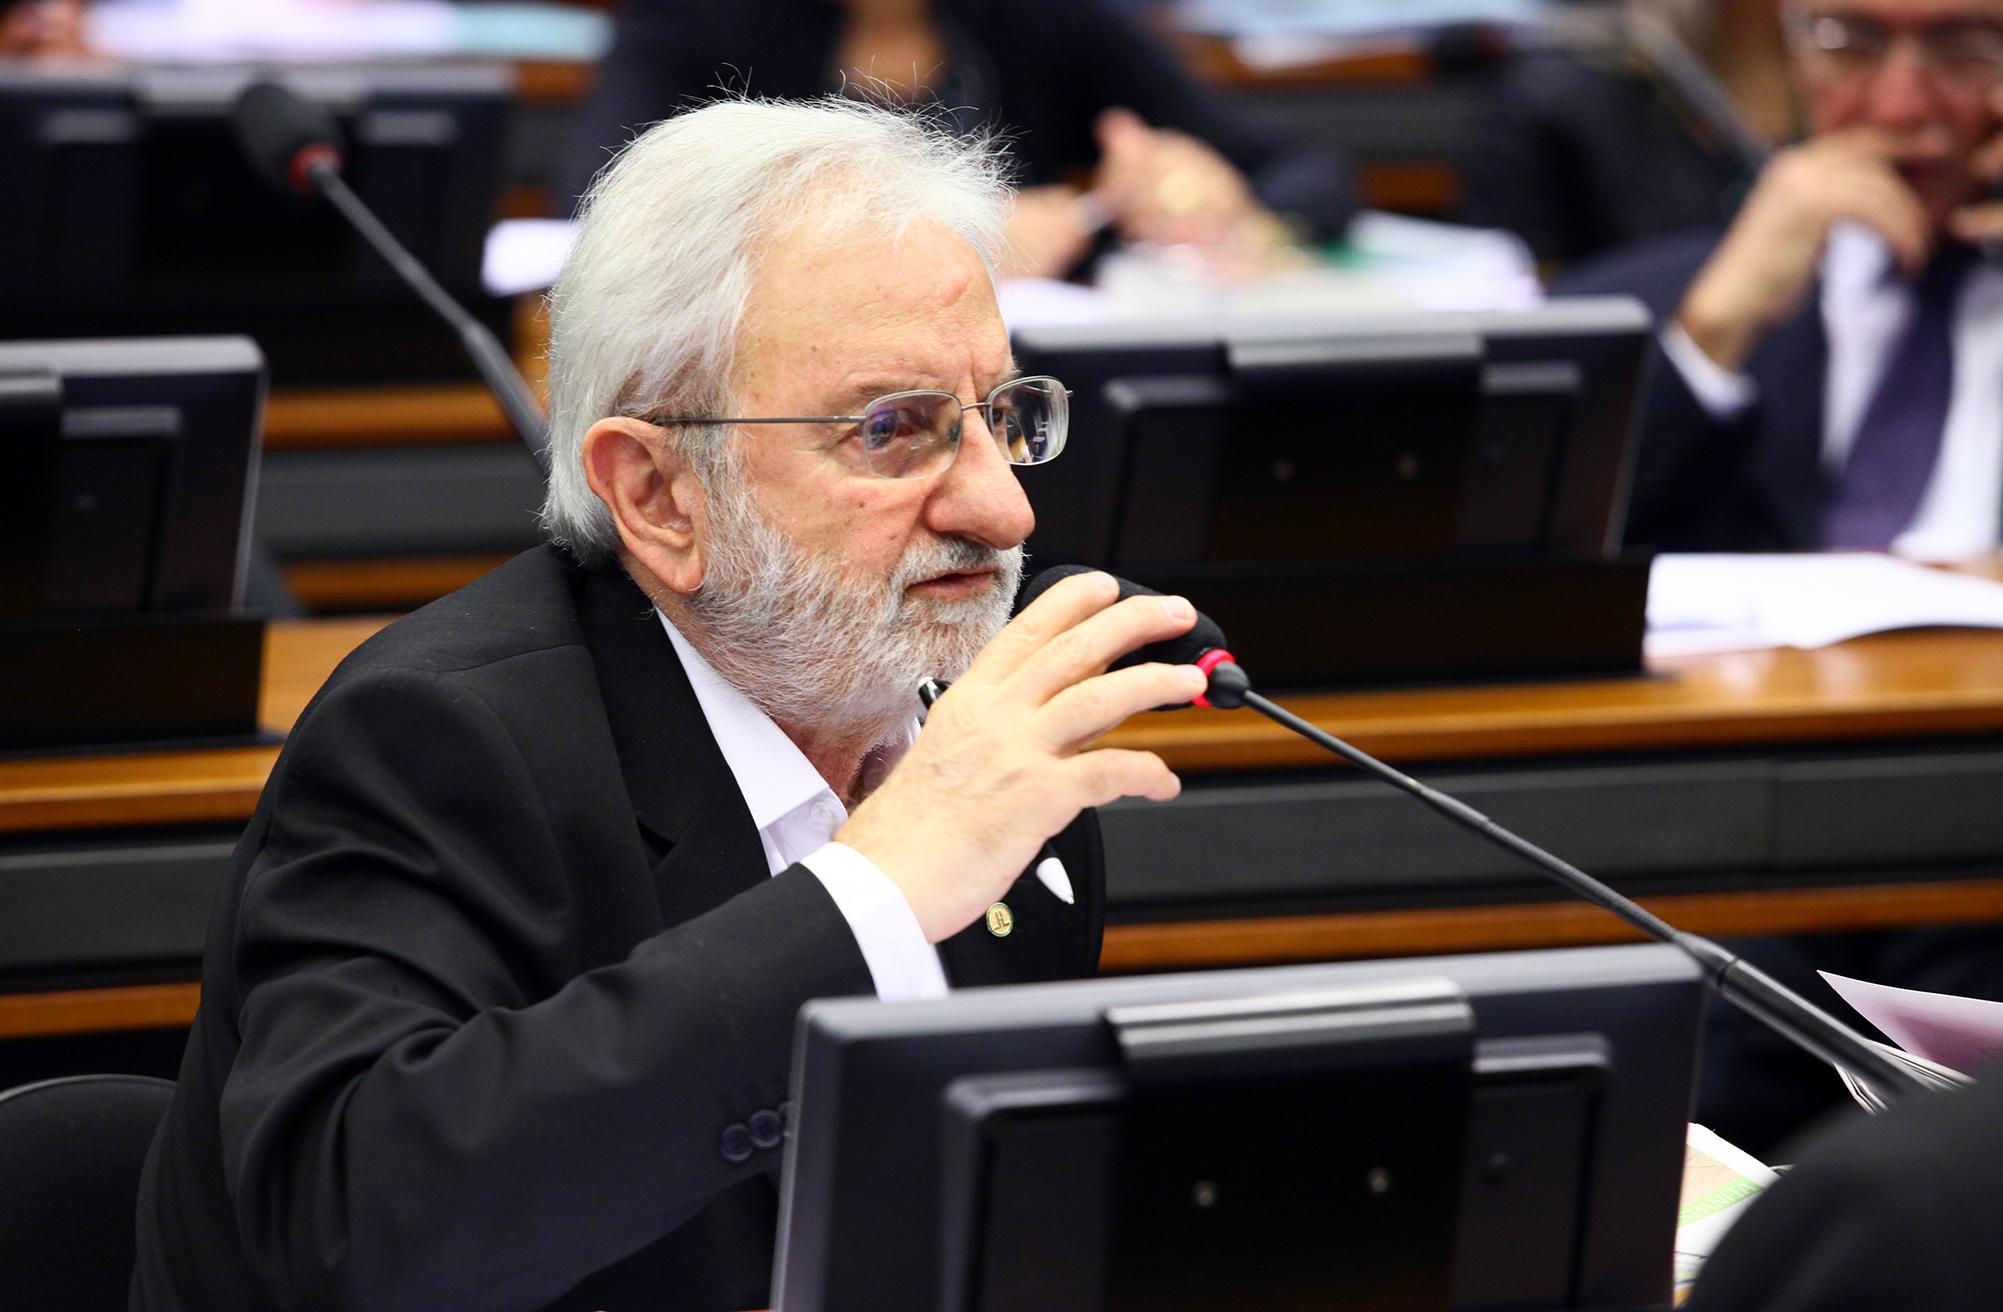 Reunião Ordinária. Dep. Ivan Valente (PSOL-SP)